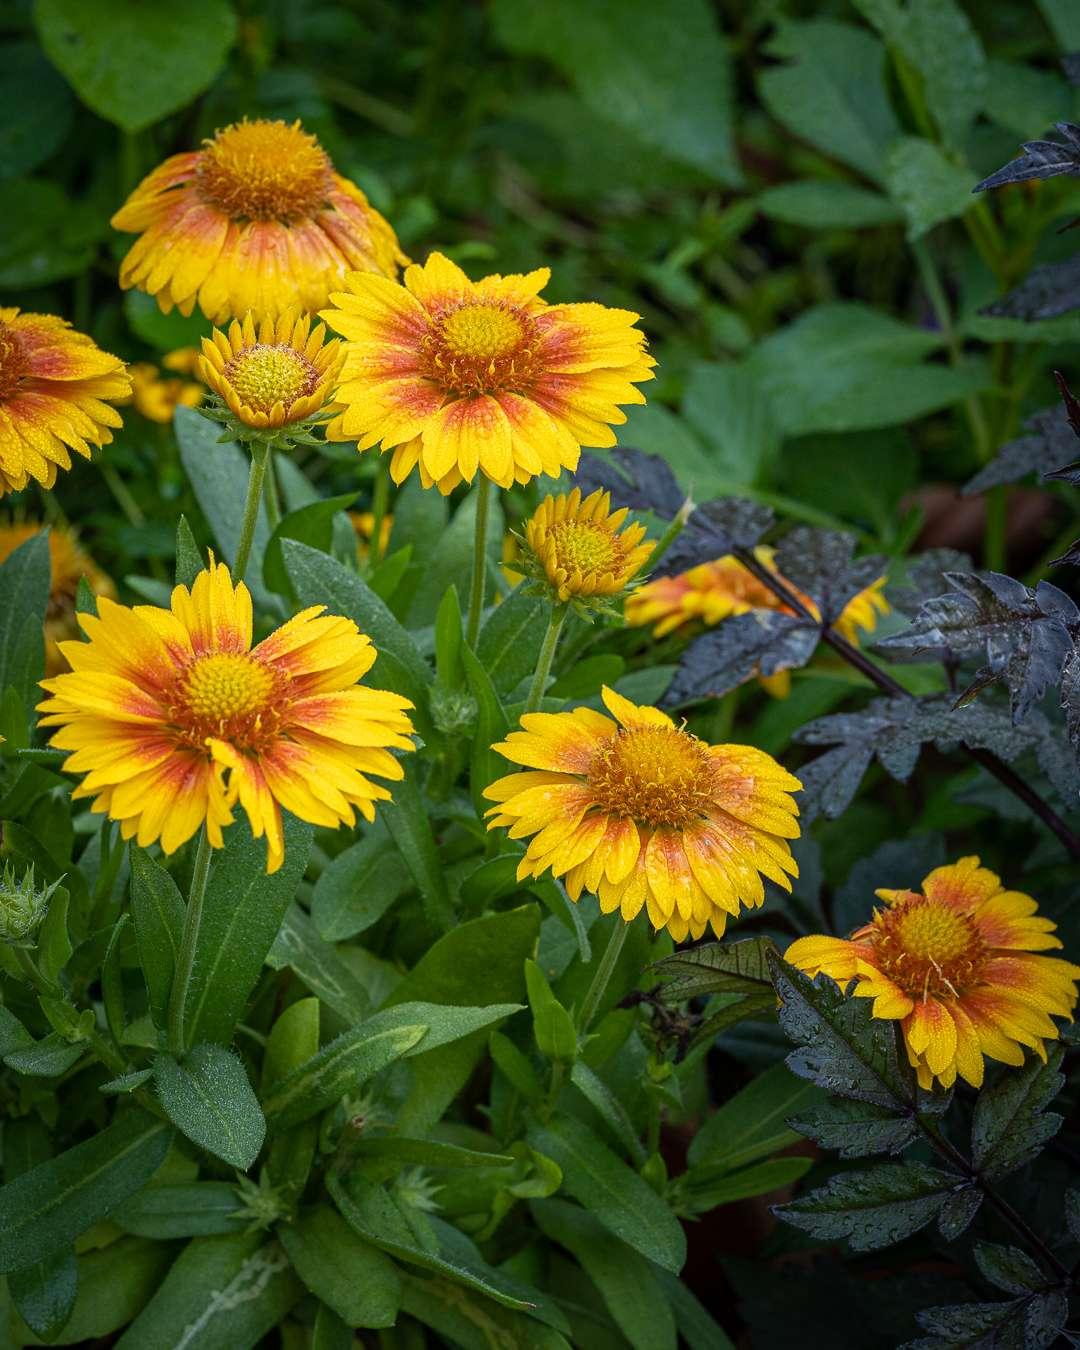 stor kokarde har både gul og orange farver i blomsten